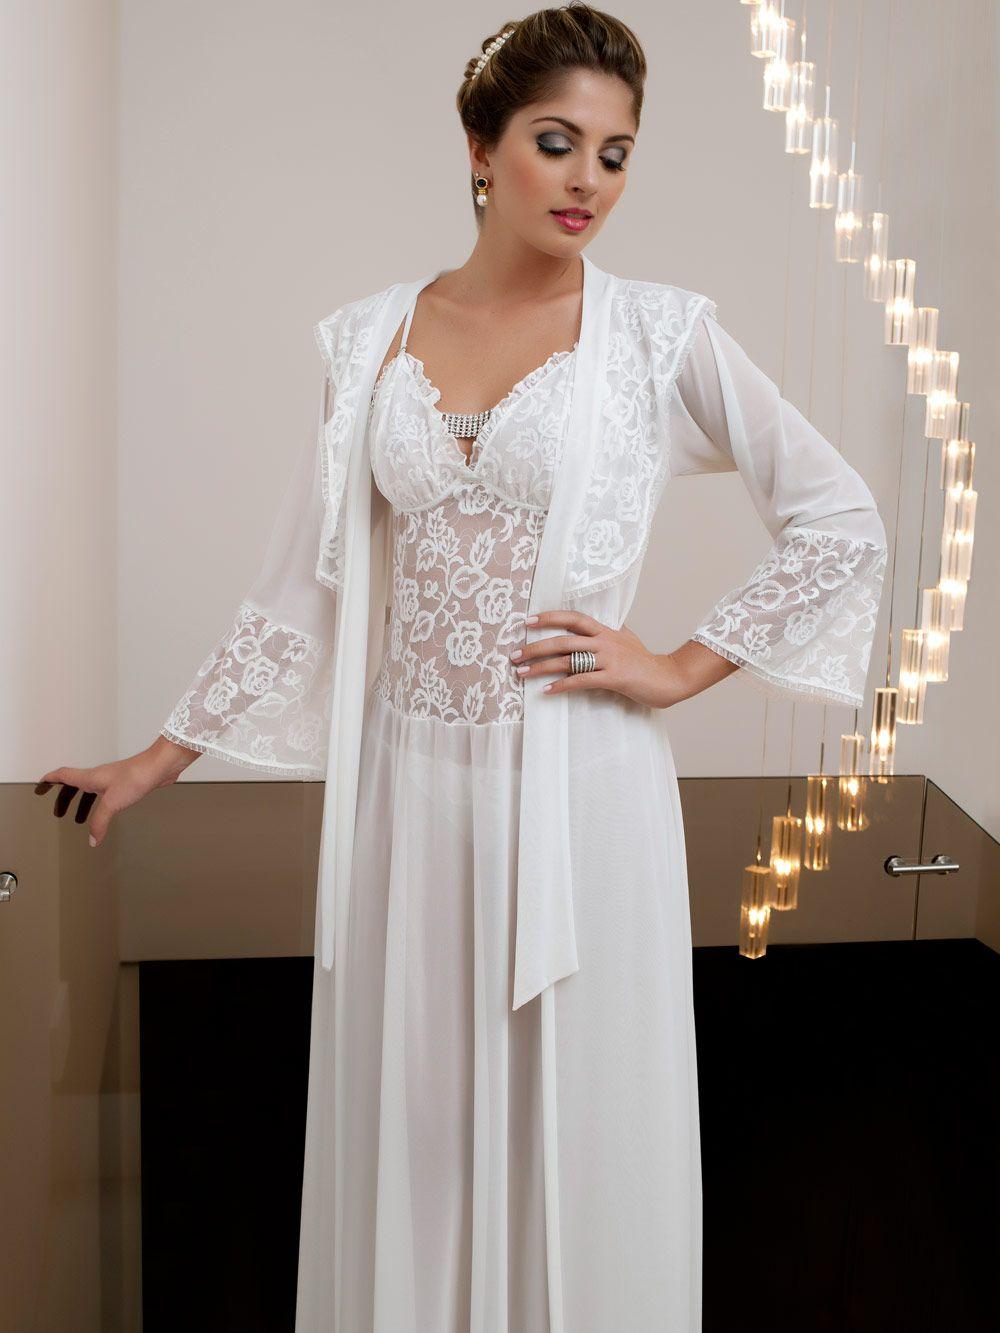 b36096ee4 Esse conjunto de camisola e robe longos